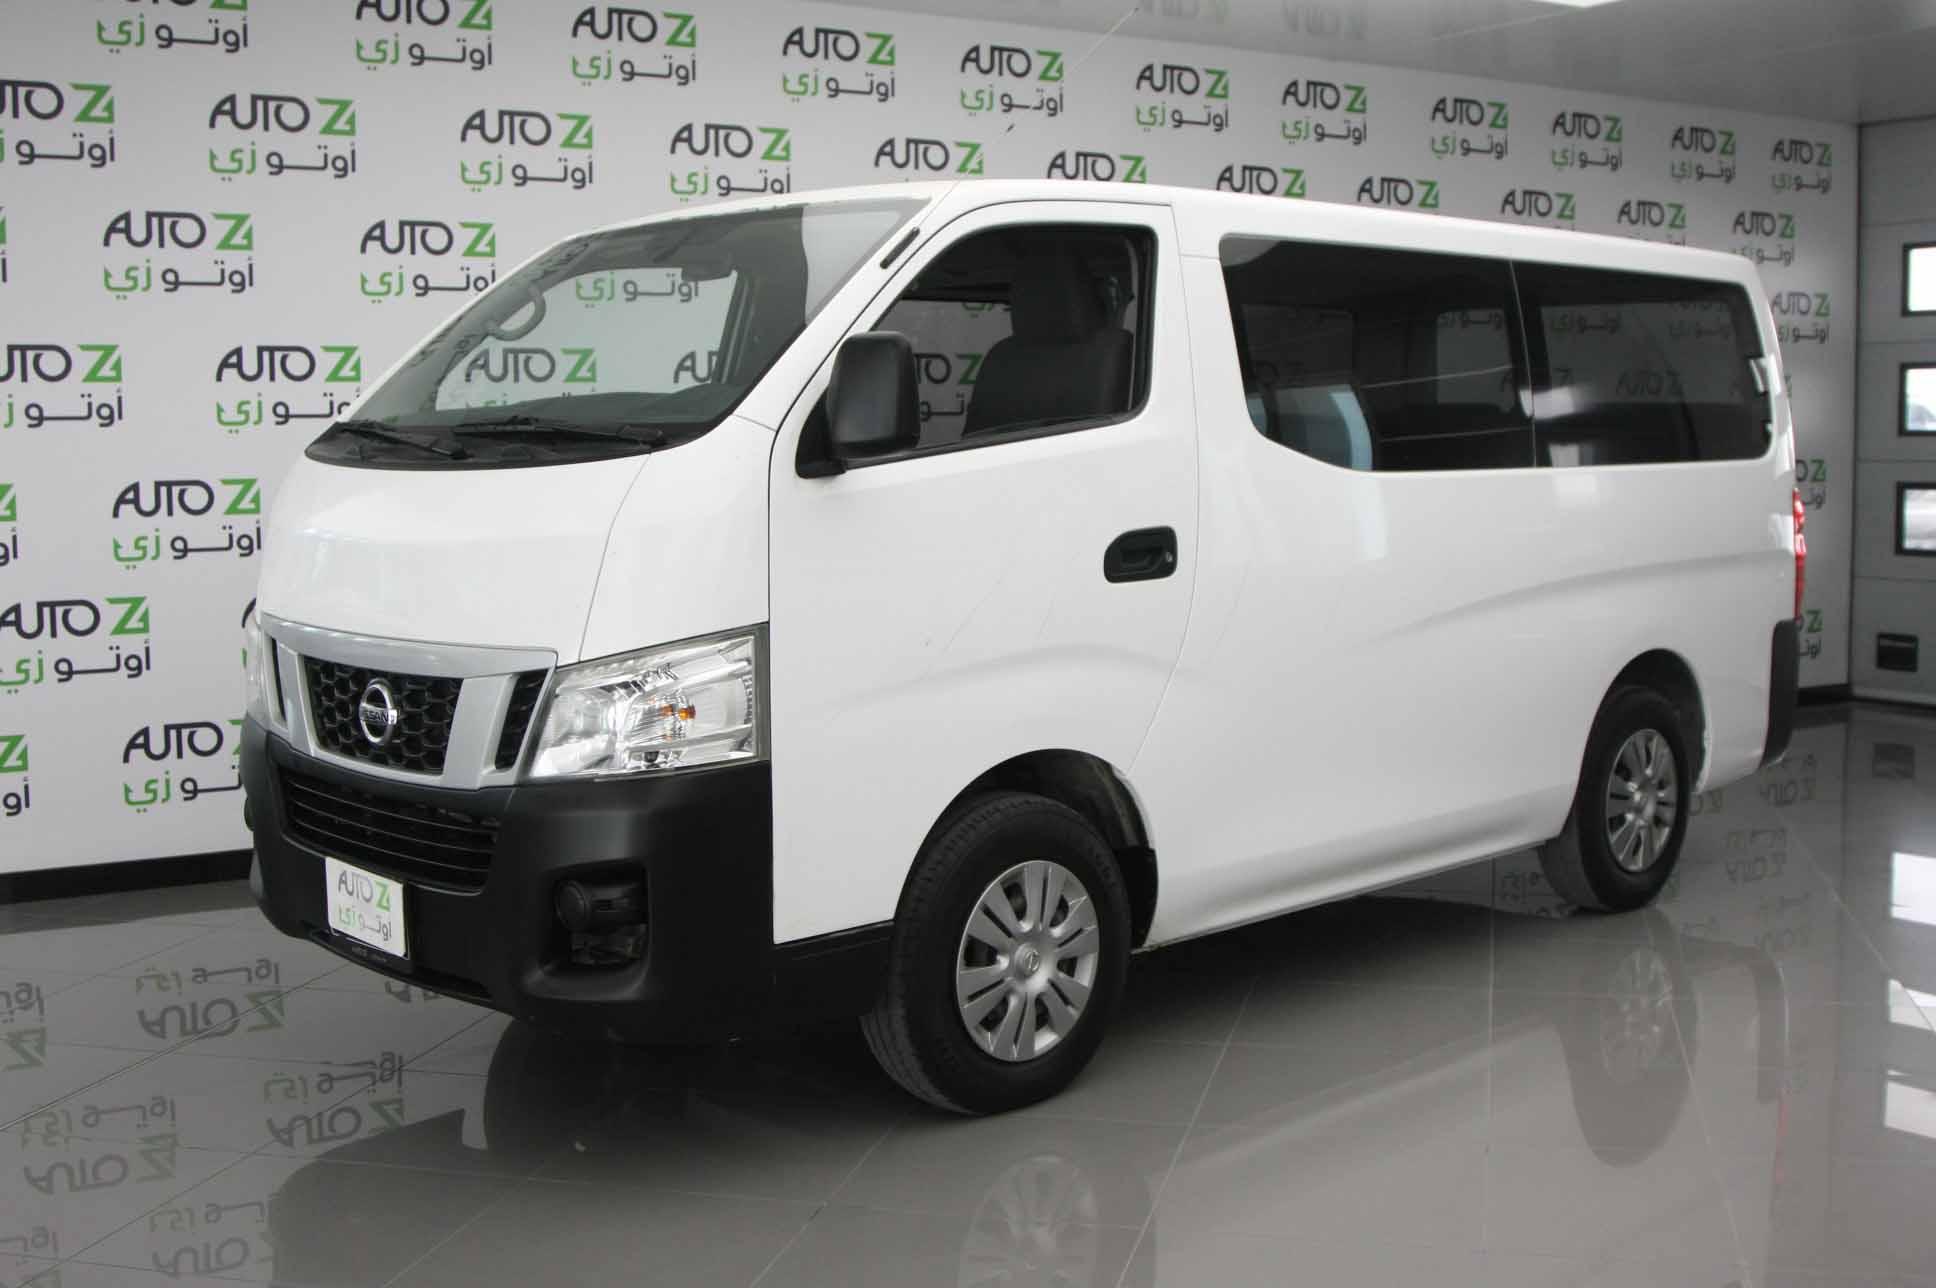 2014 Nissan Urvan